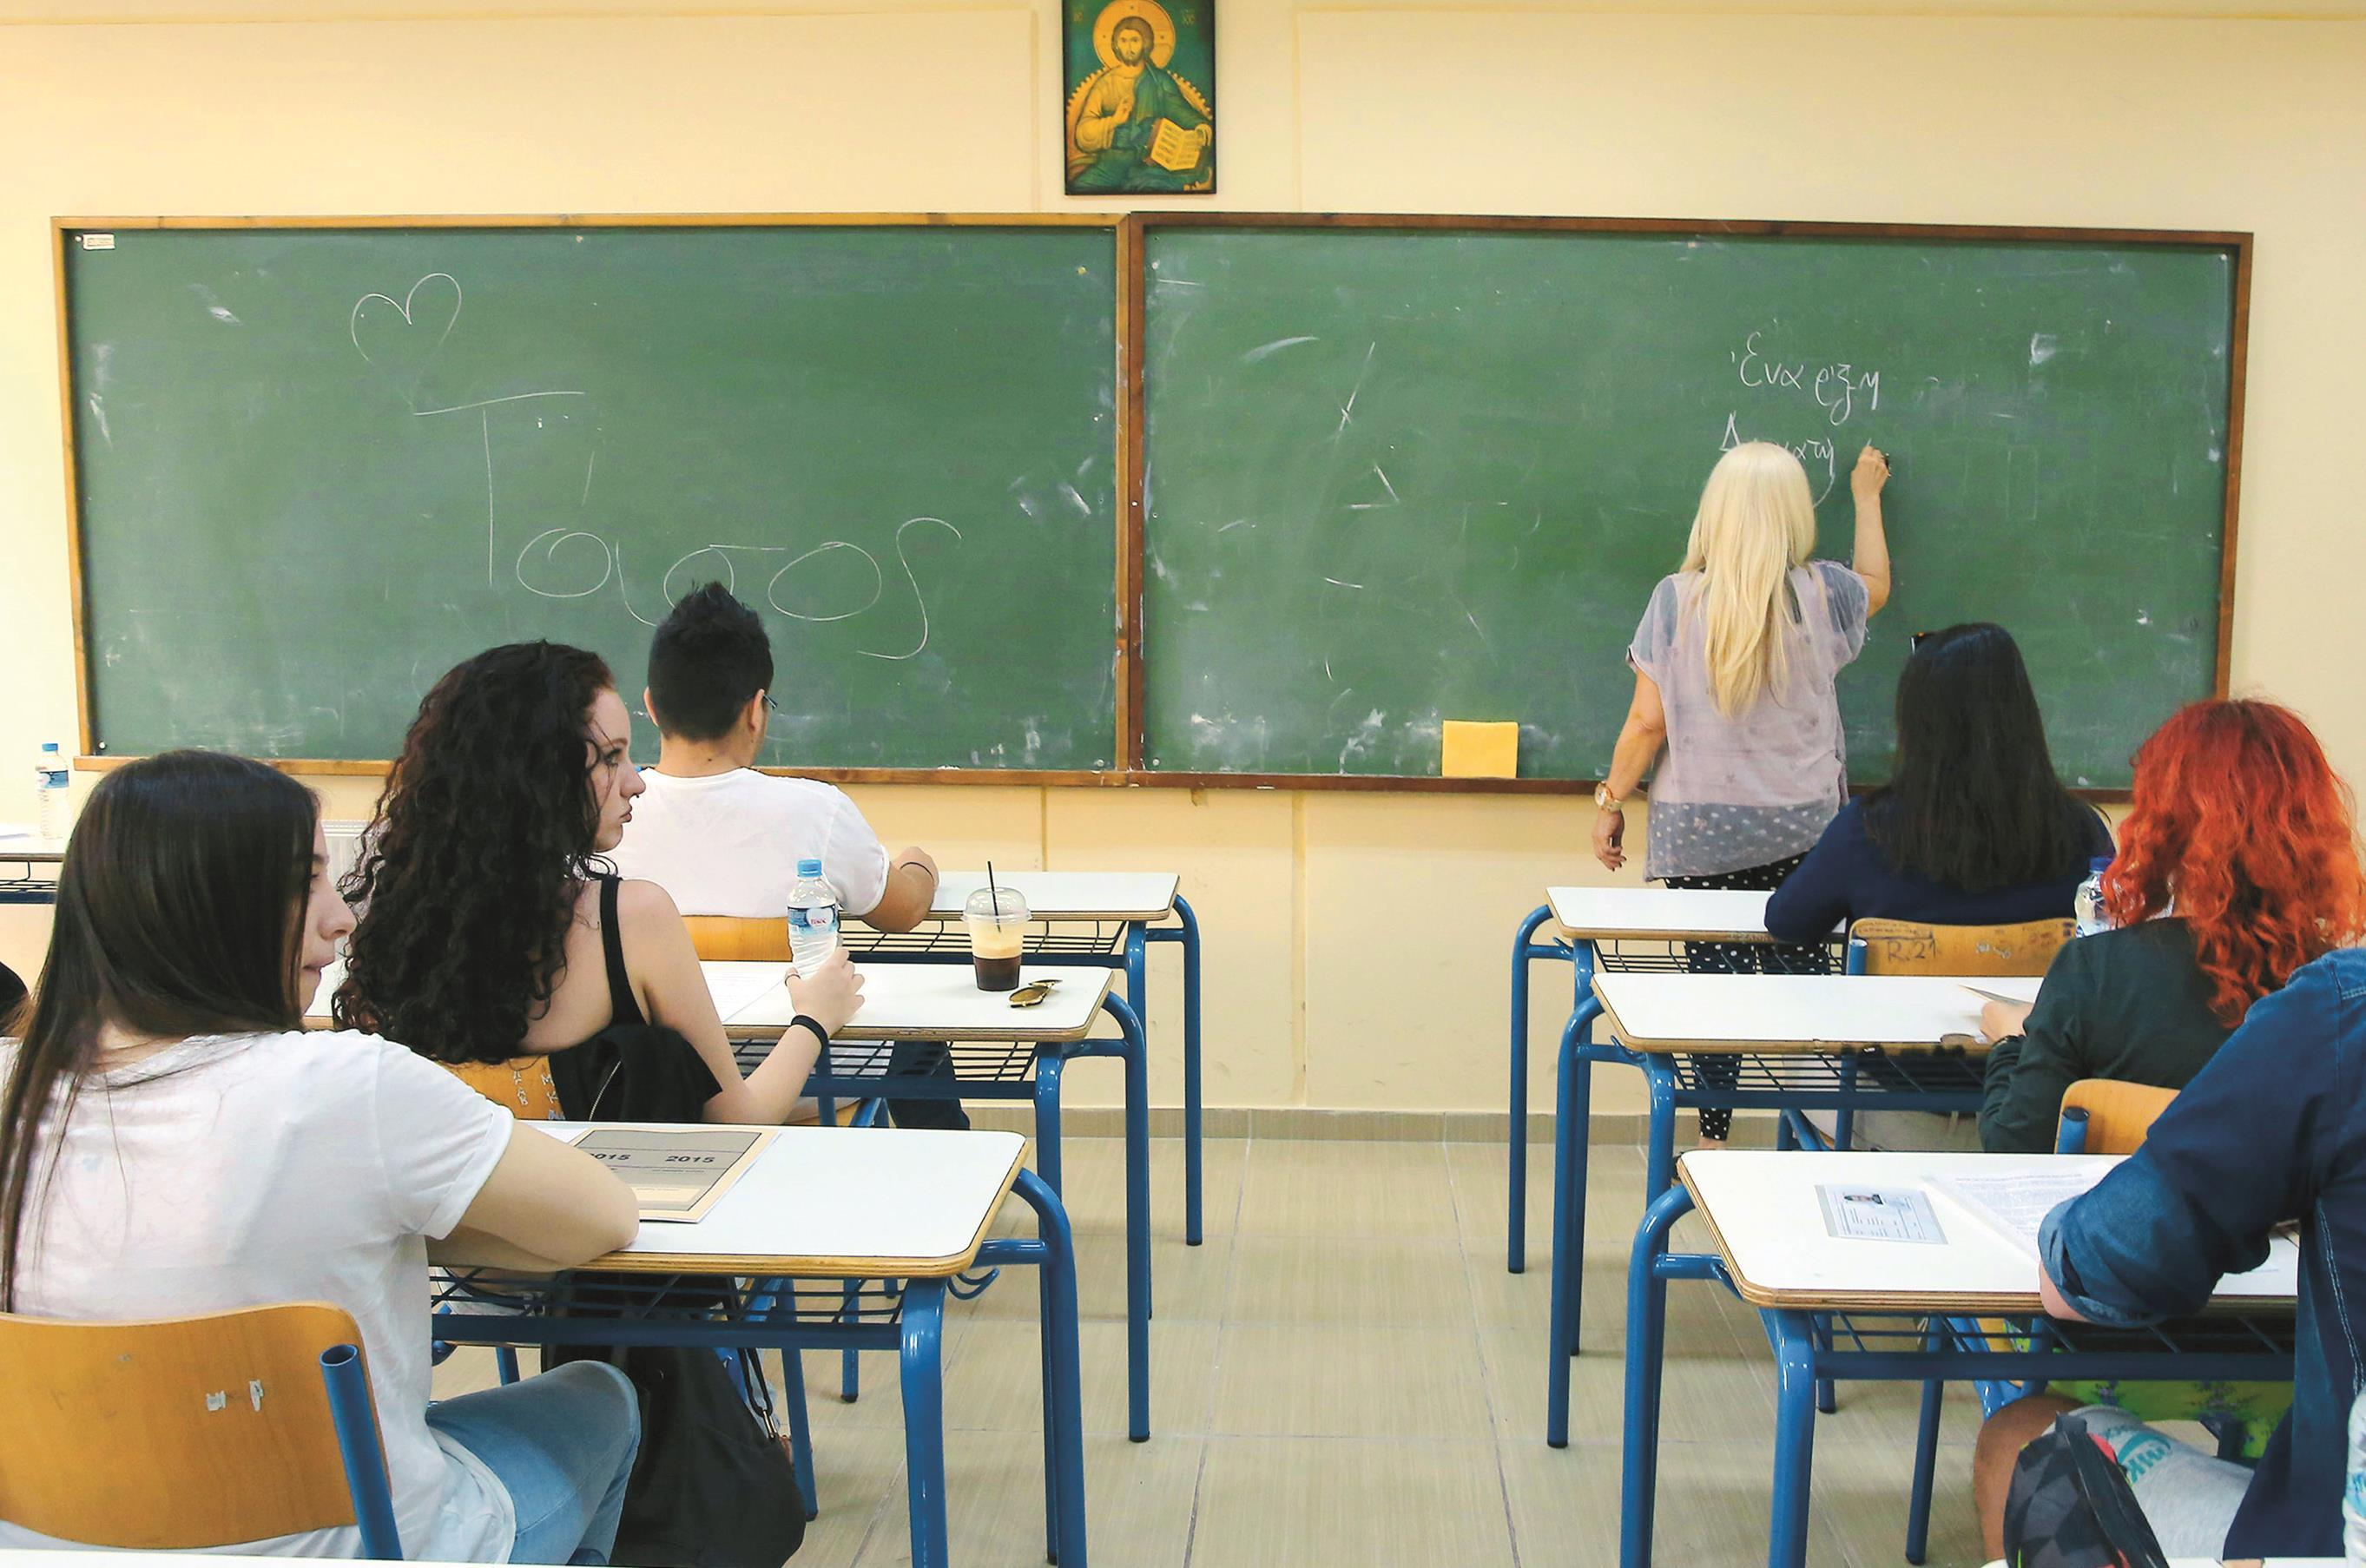 Πότε ανοίγουν τα σχολεία: Αυτή είναι η πιθανότερη ημερομηνία ...